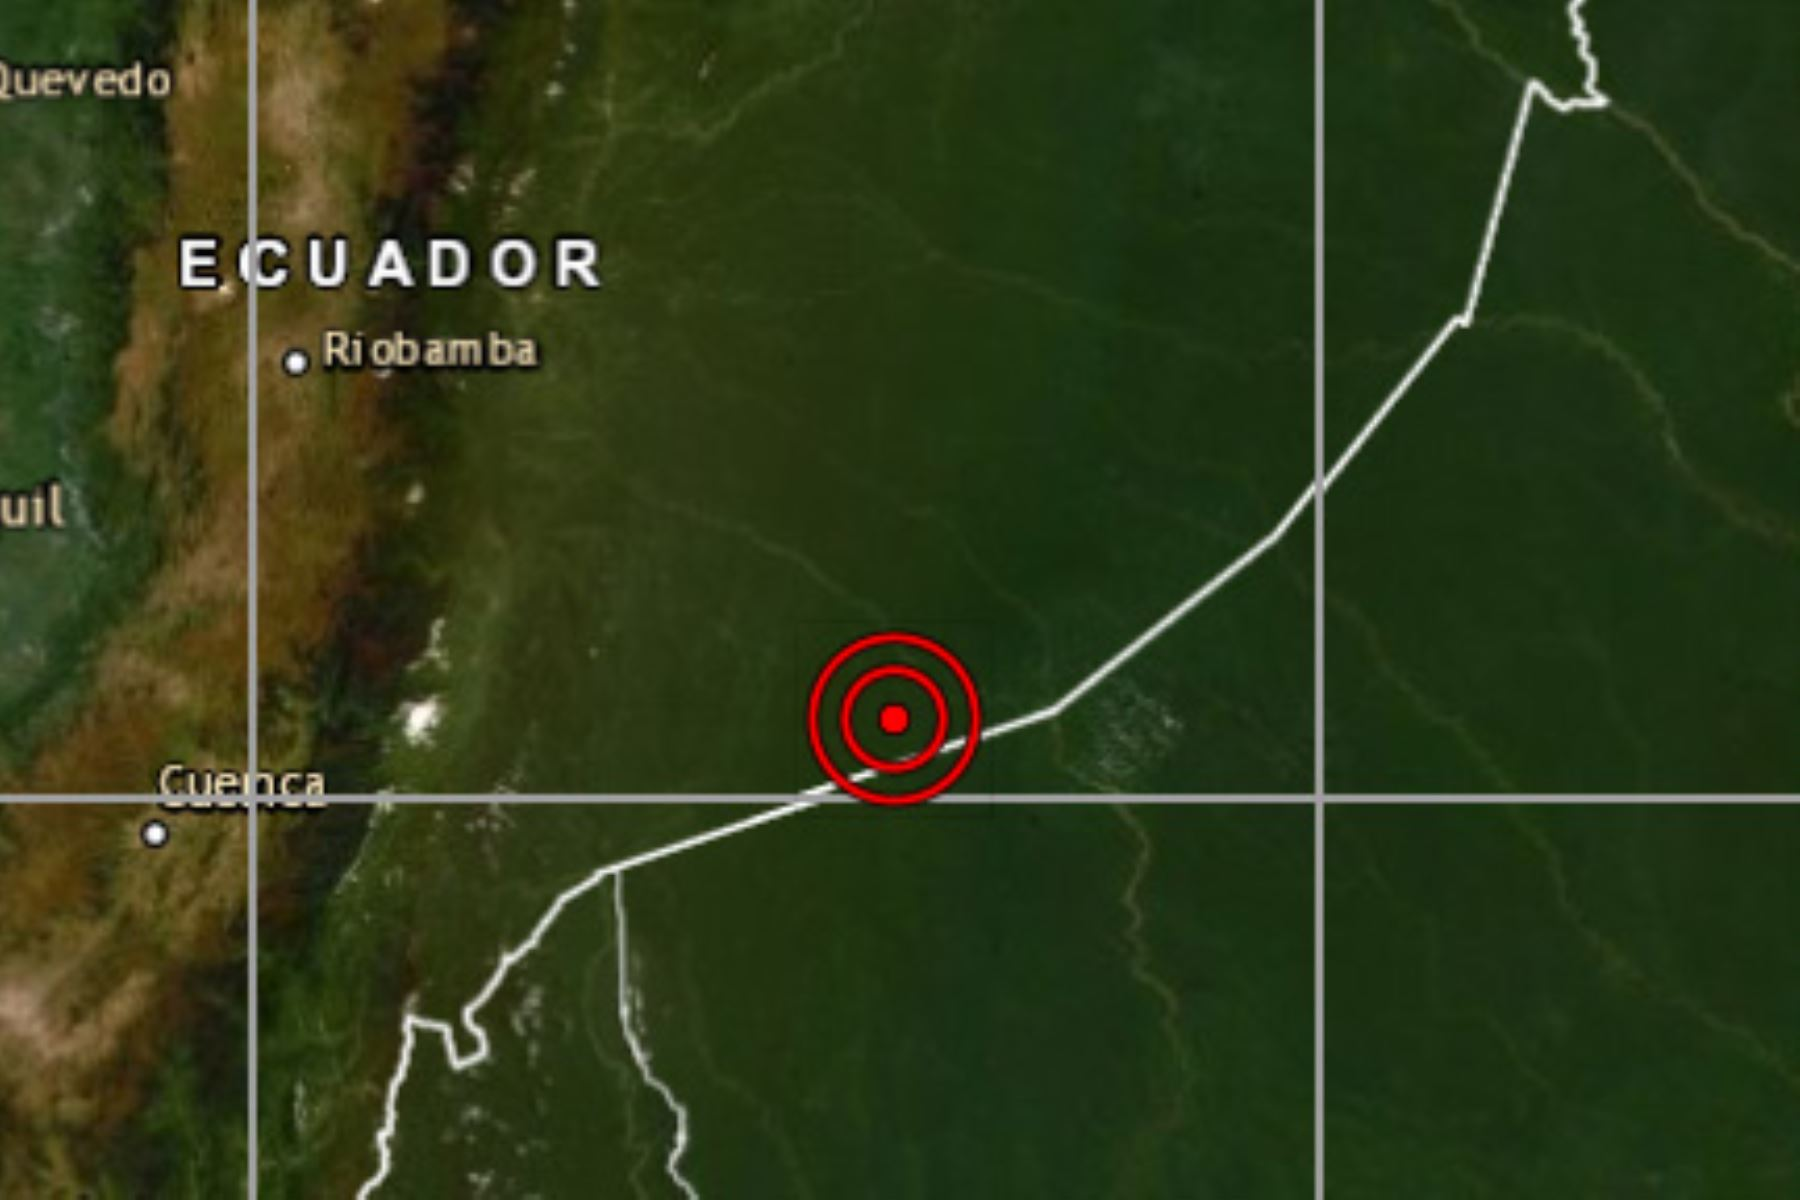 El epicentro del sismo de magnitud 4.4 se localizó a 81 kilómetros al noroeste del distrito de Pastaza, región Loreto.